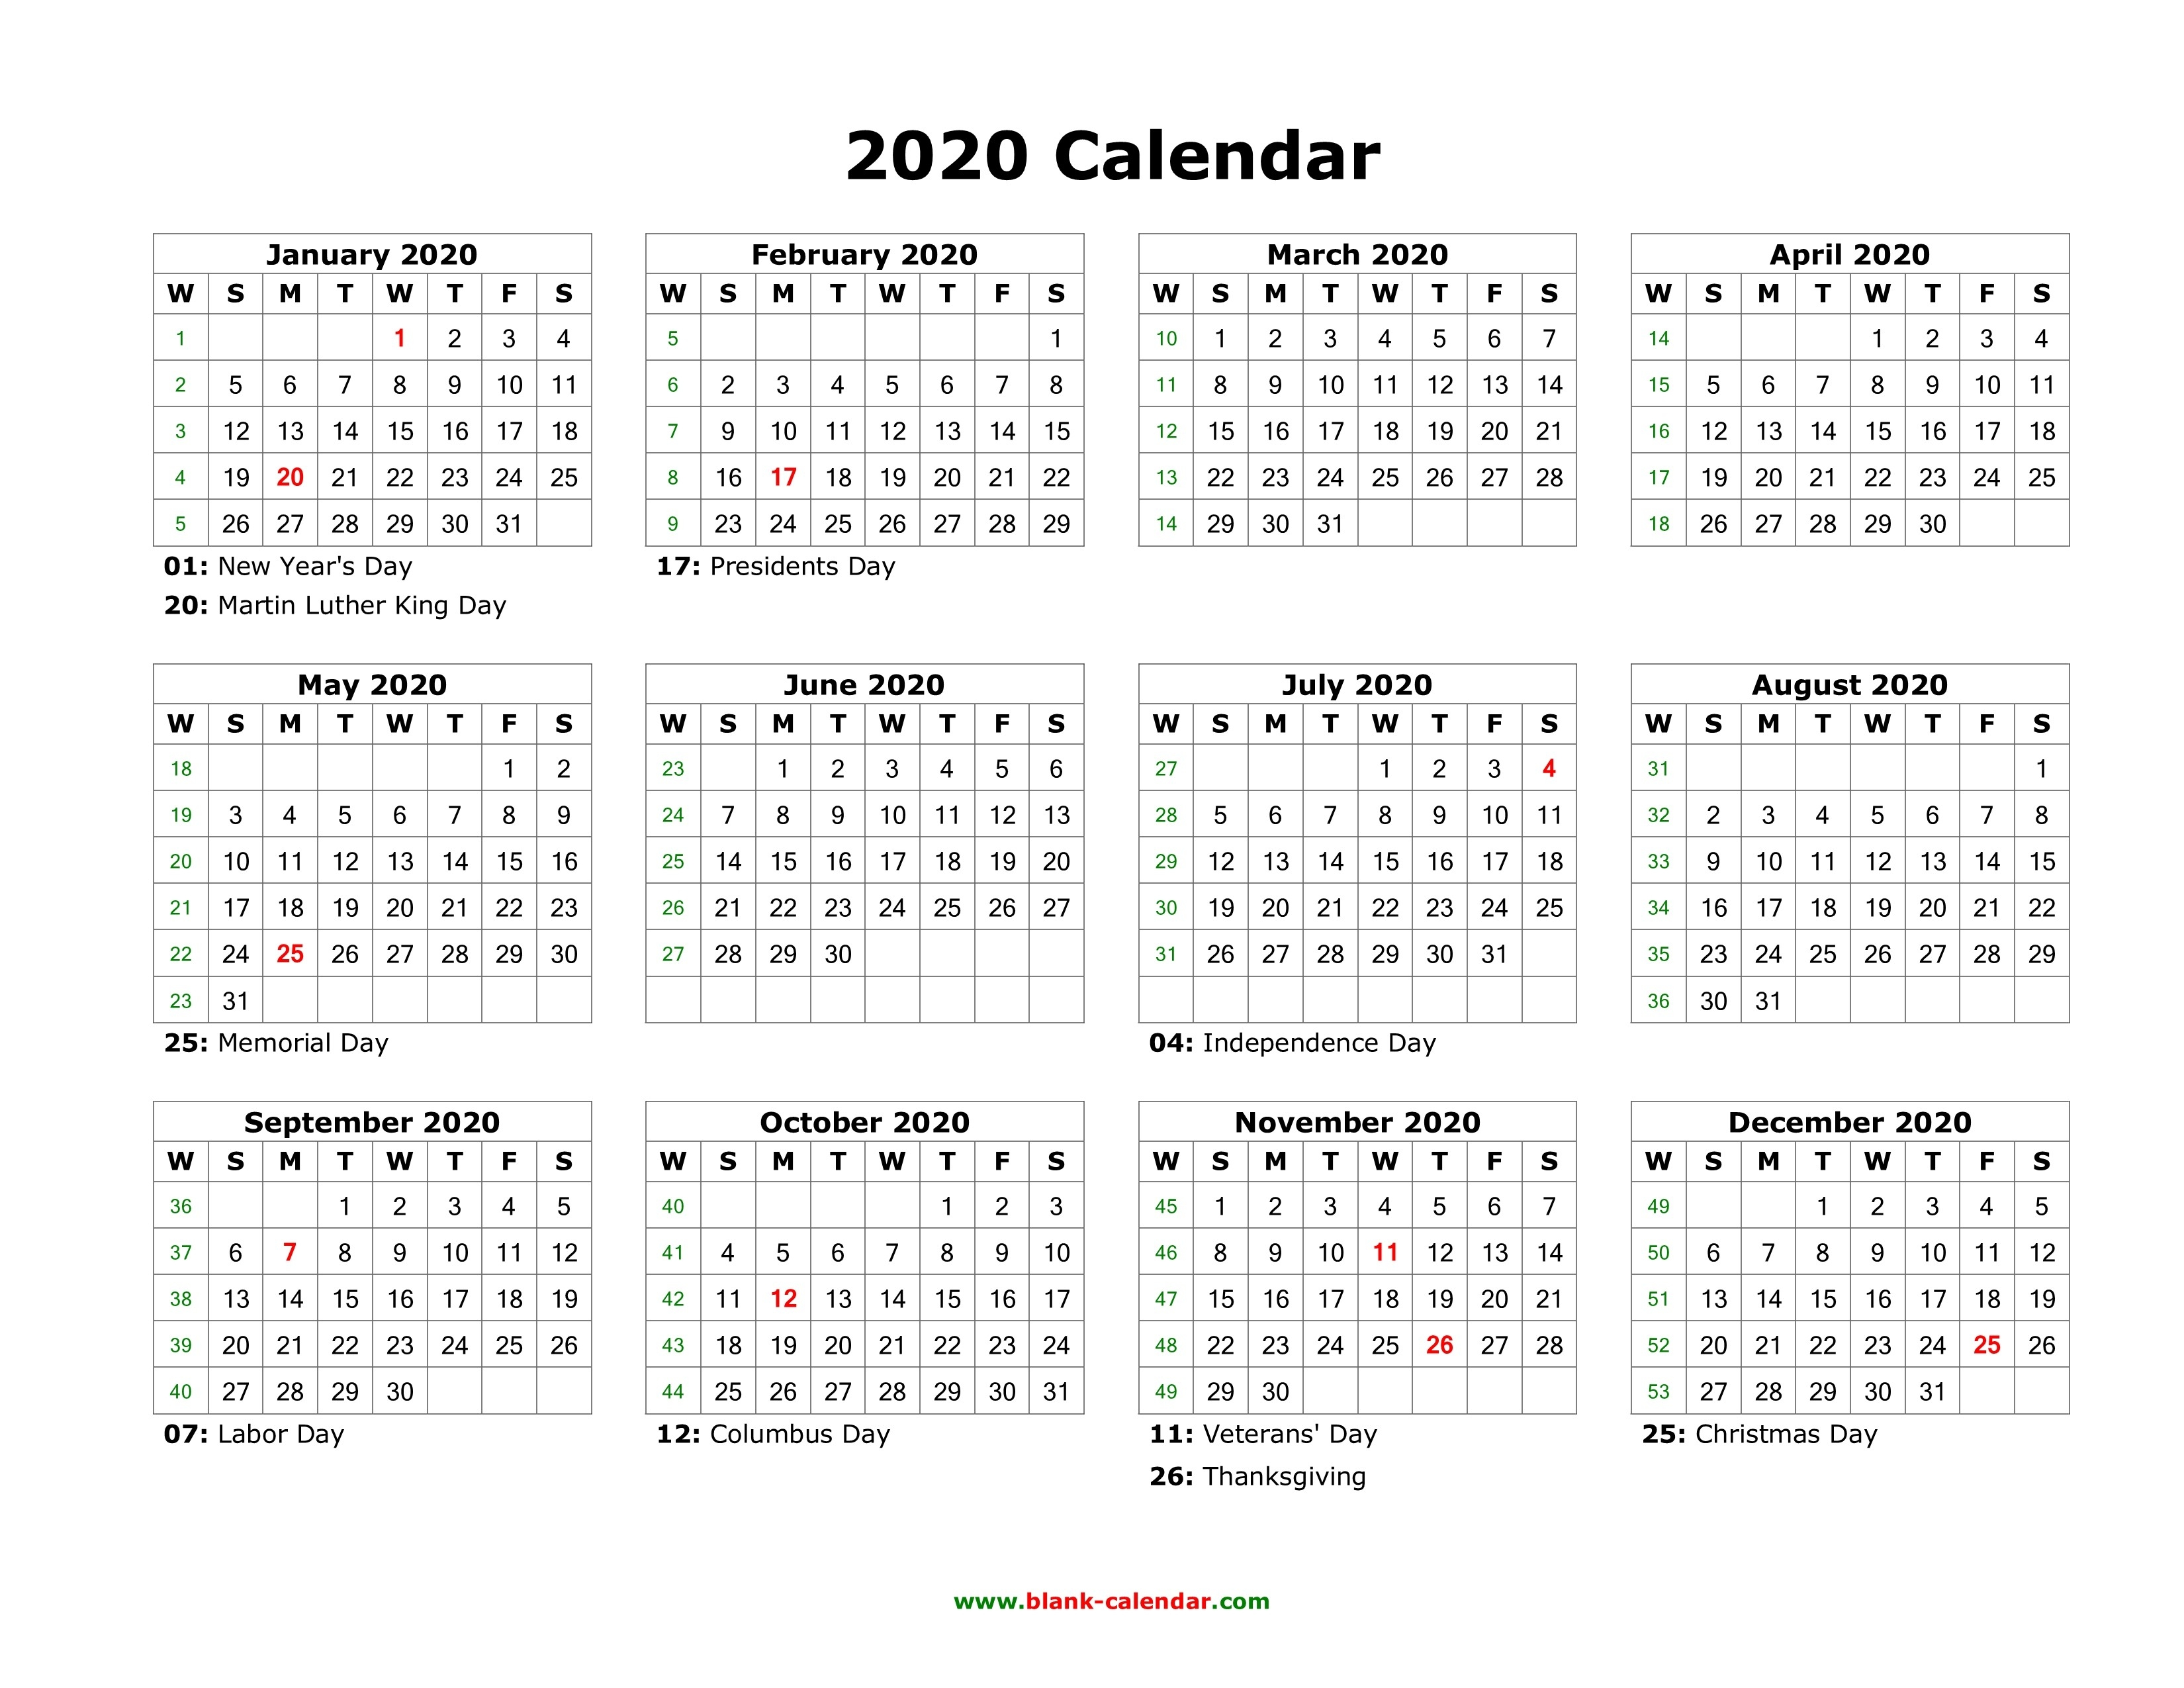 Blank Calendar 2020 | Free Download Calendar Templates-6 Month Calendar Template 2020